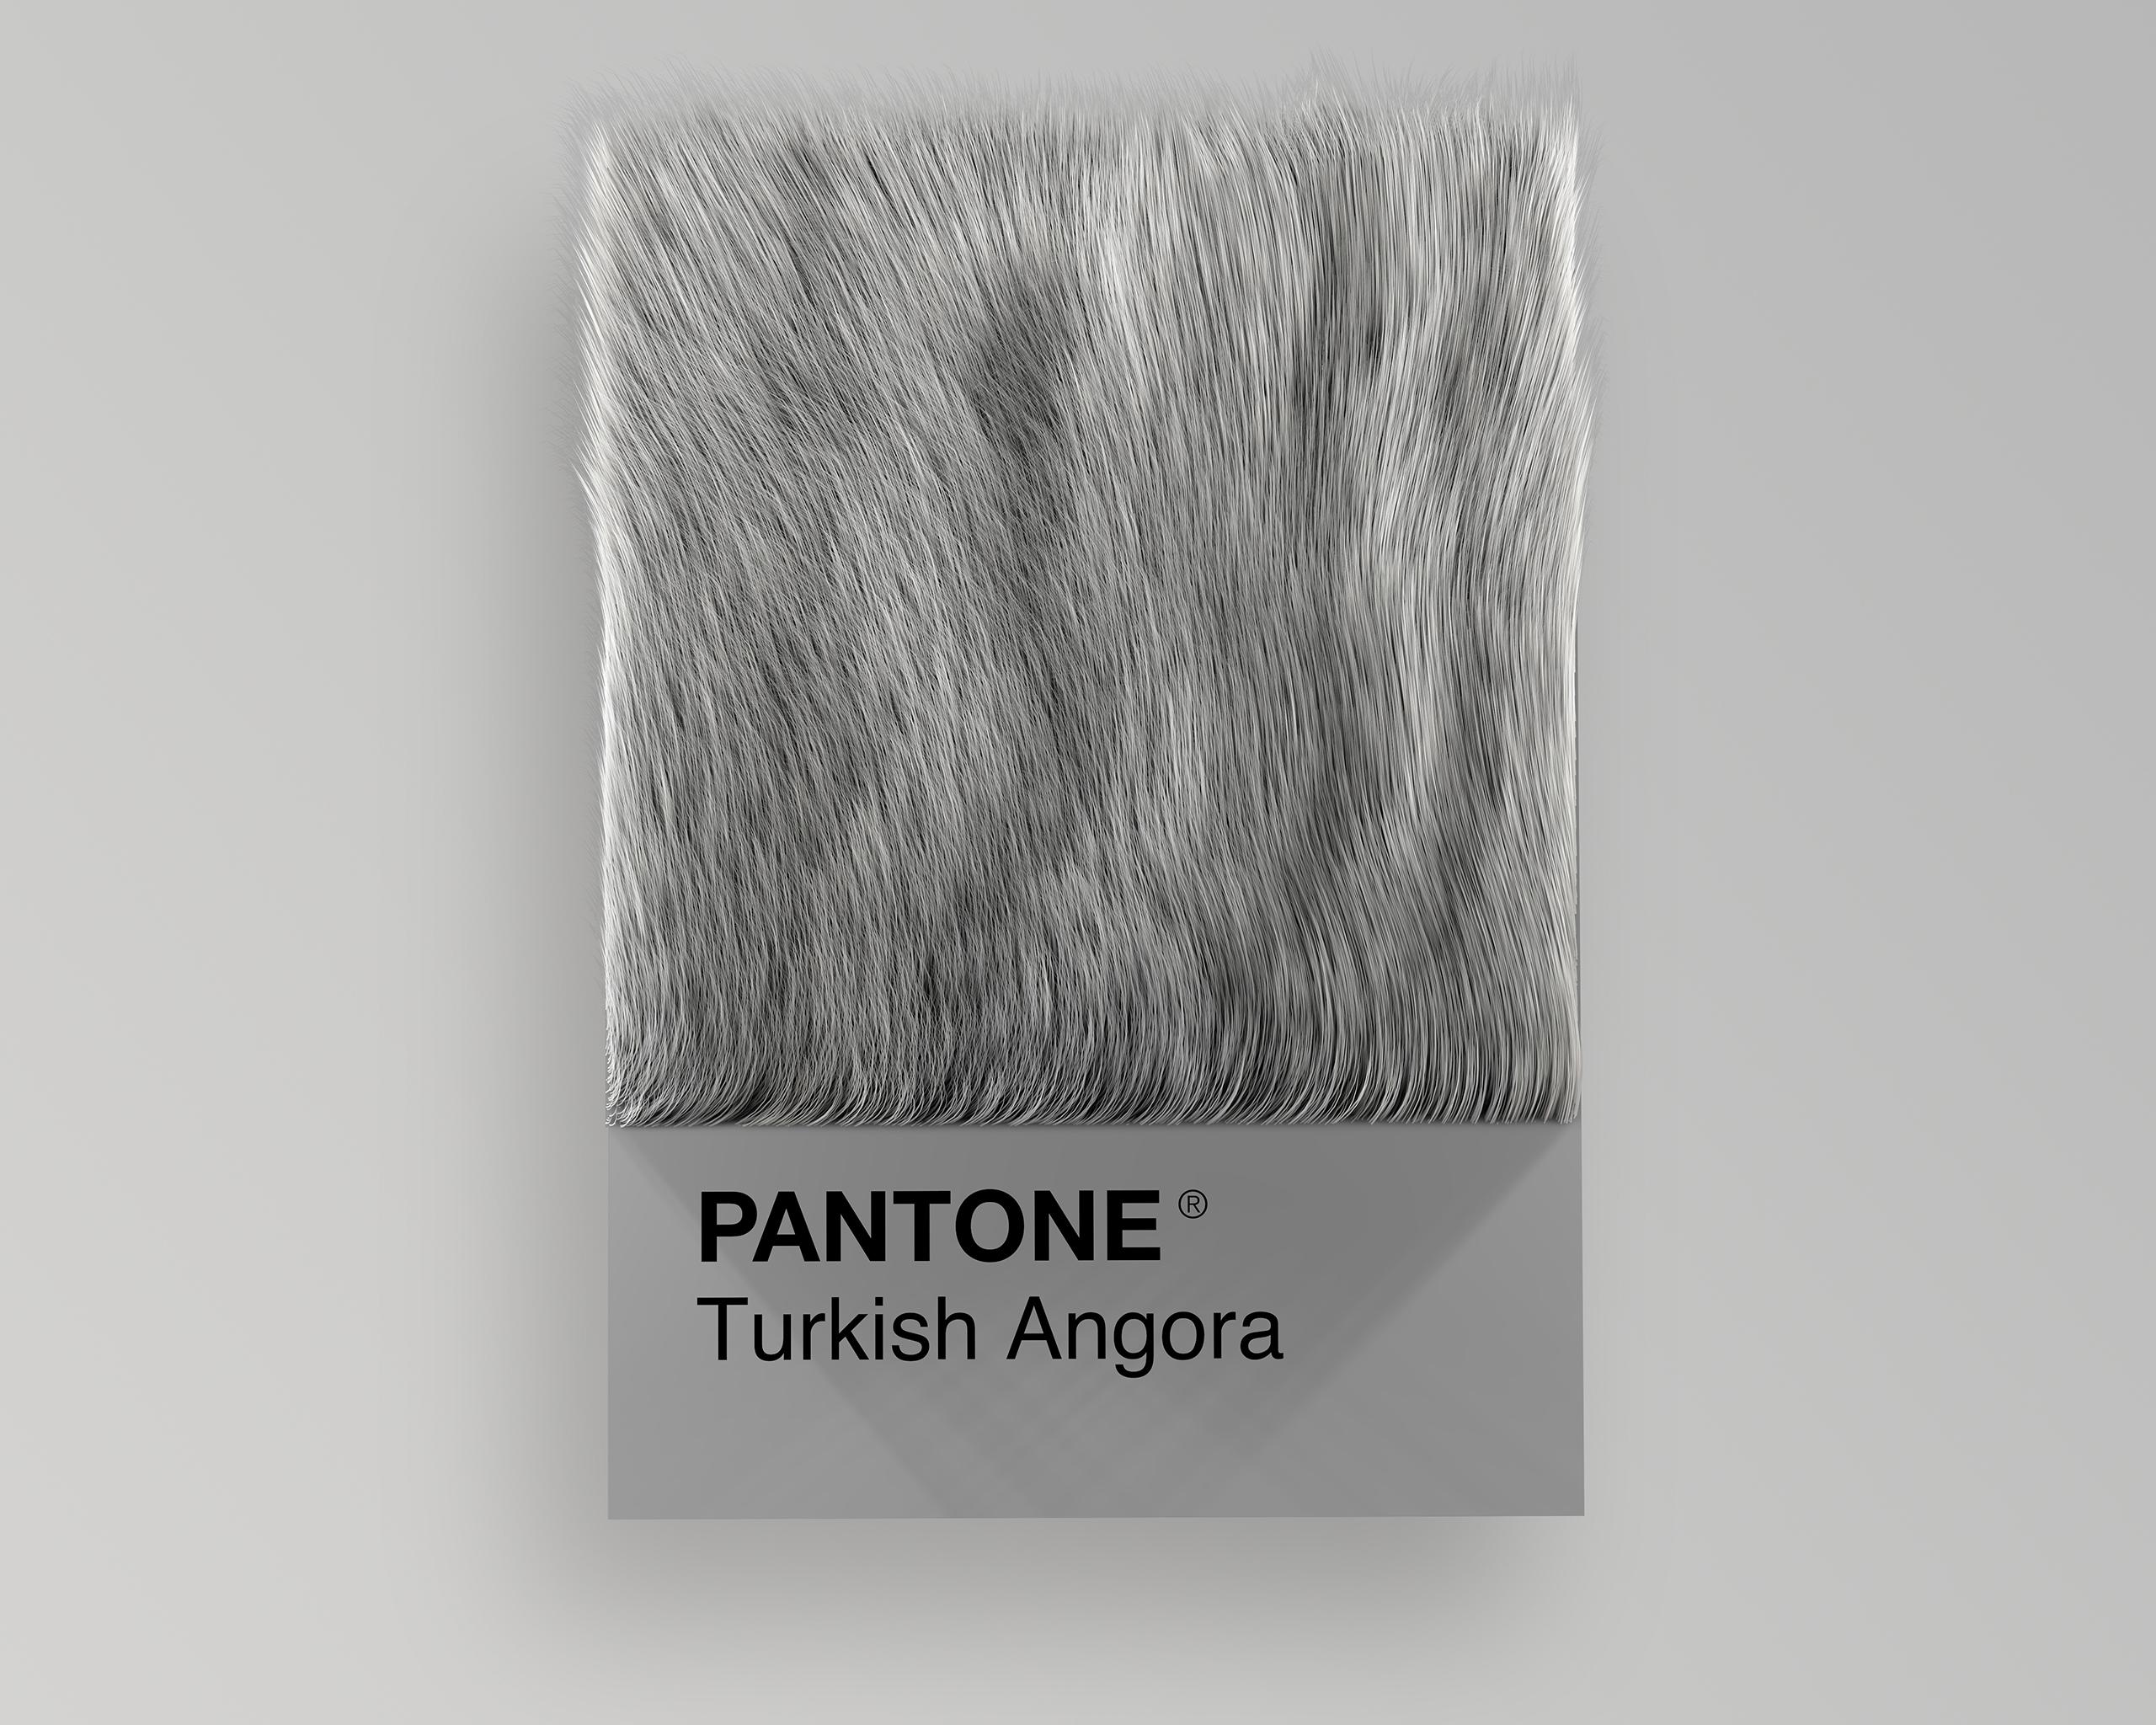 Turkish Angora as Pantone